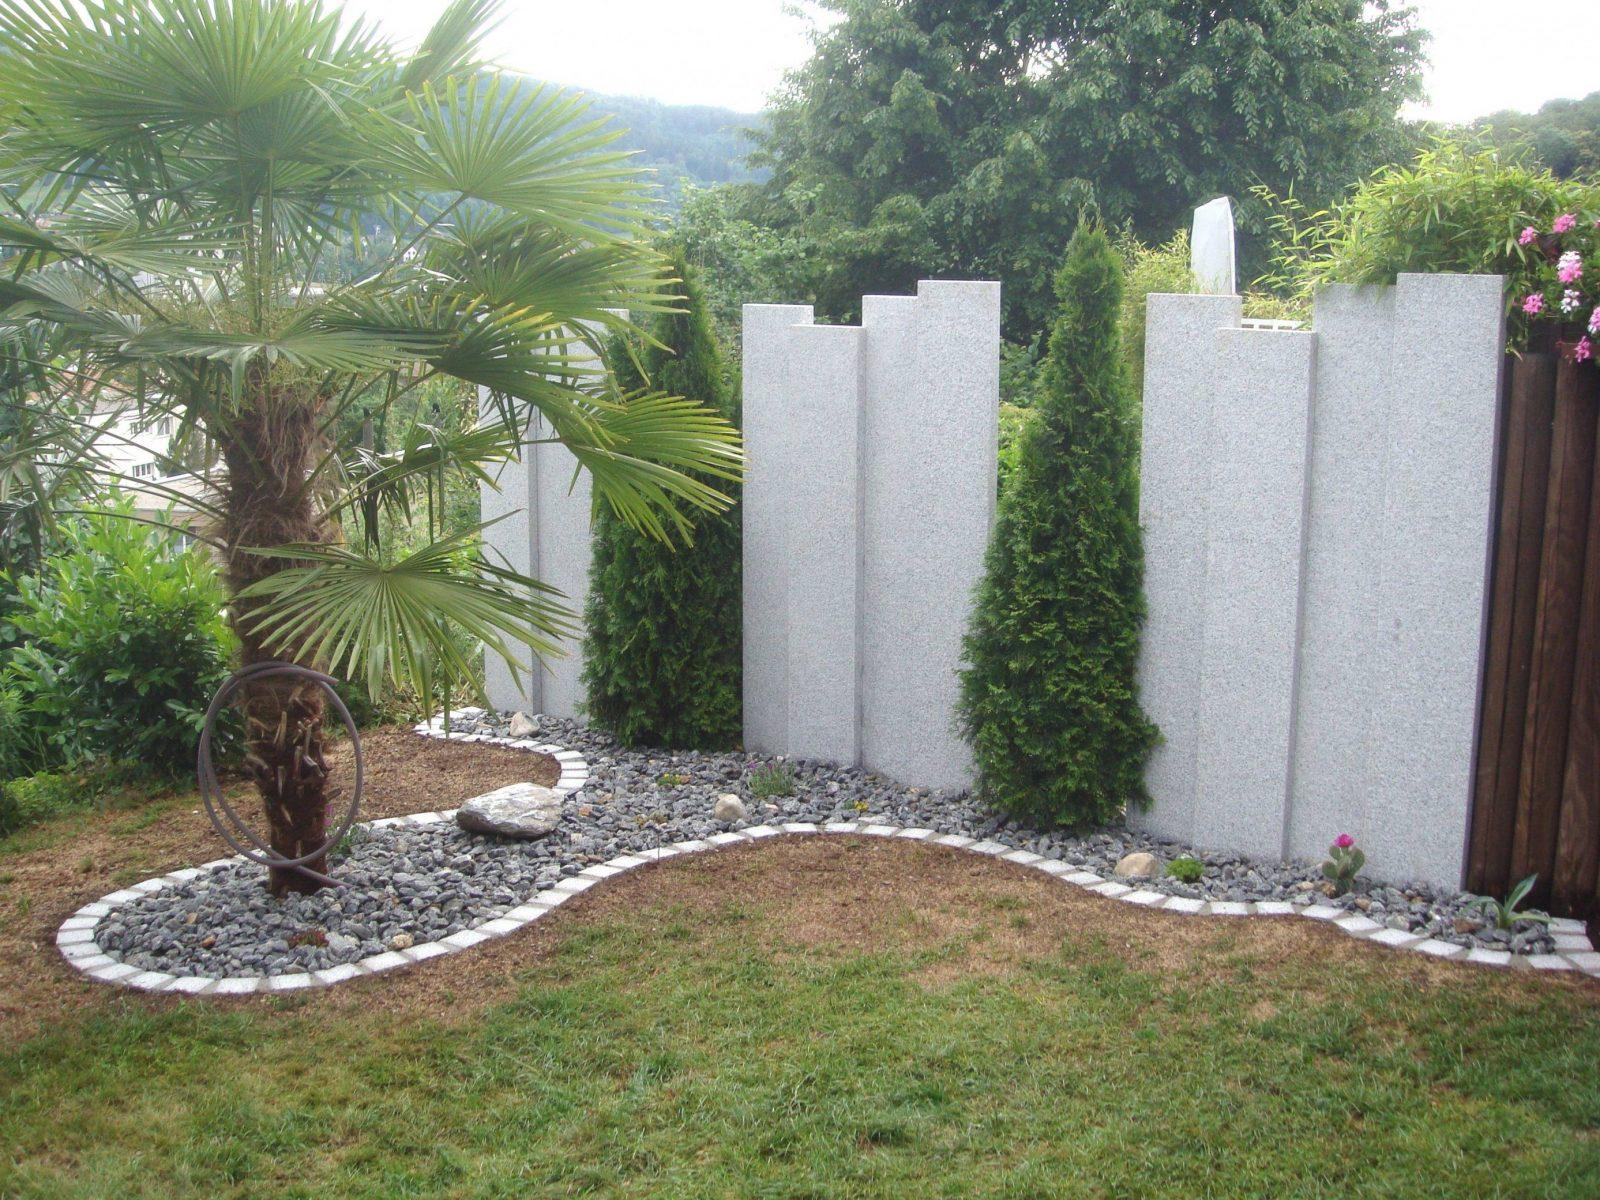 Stilvolle Garten Dekorieren Mit Steinen Fantastisch 40 Deko Ideen von Deko Ideen Mit Steinen Im Garten Photo